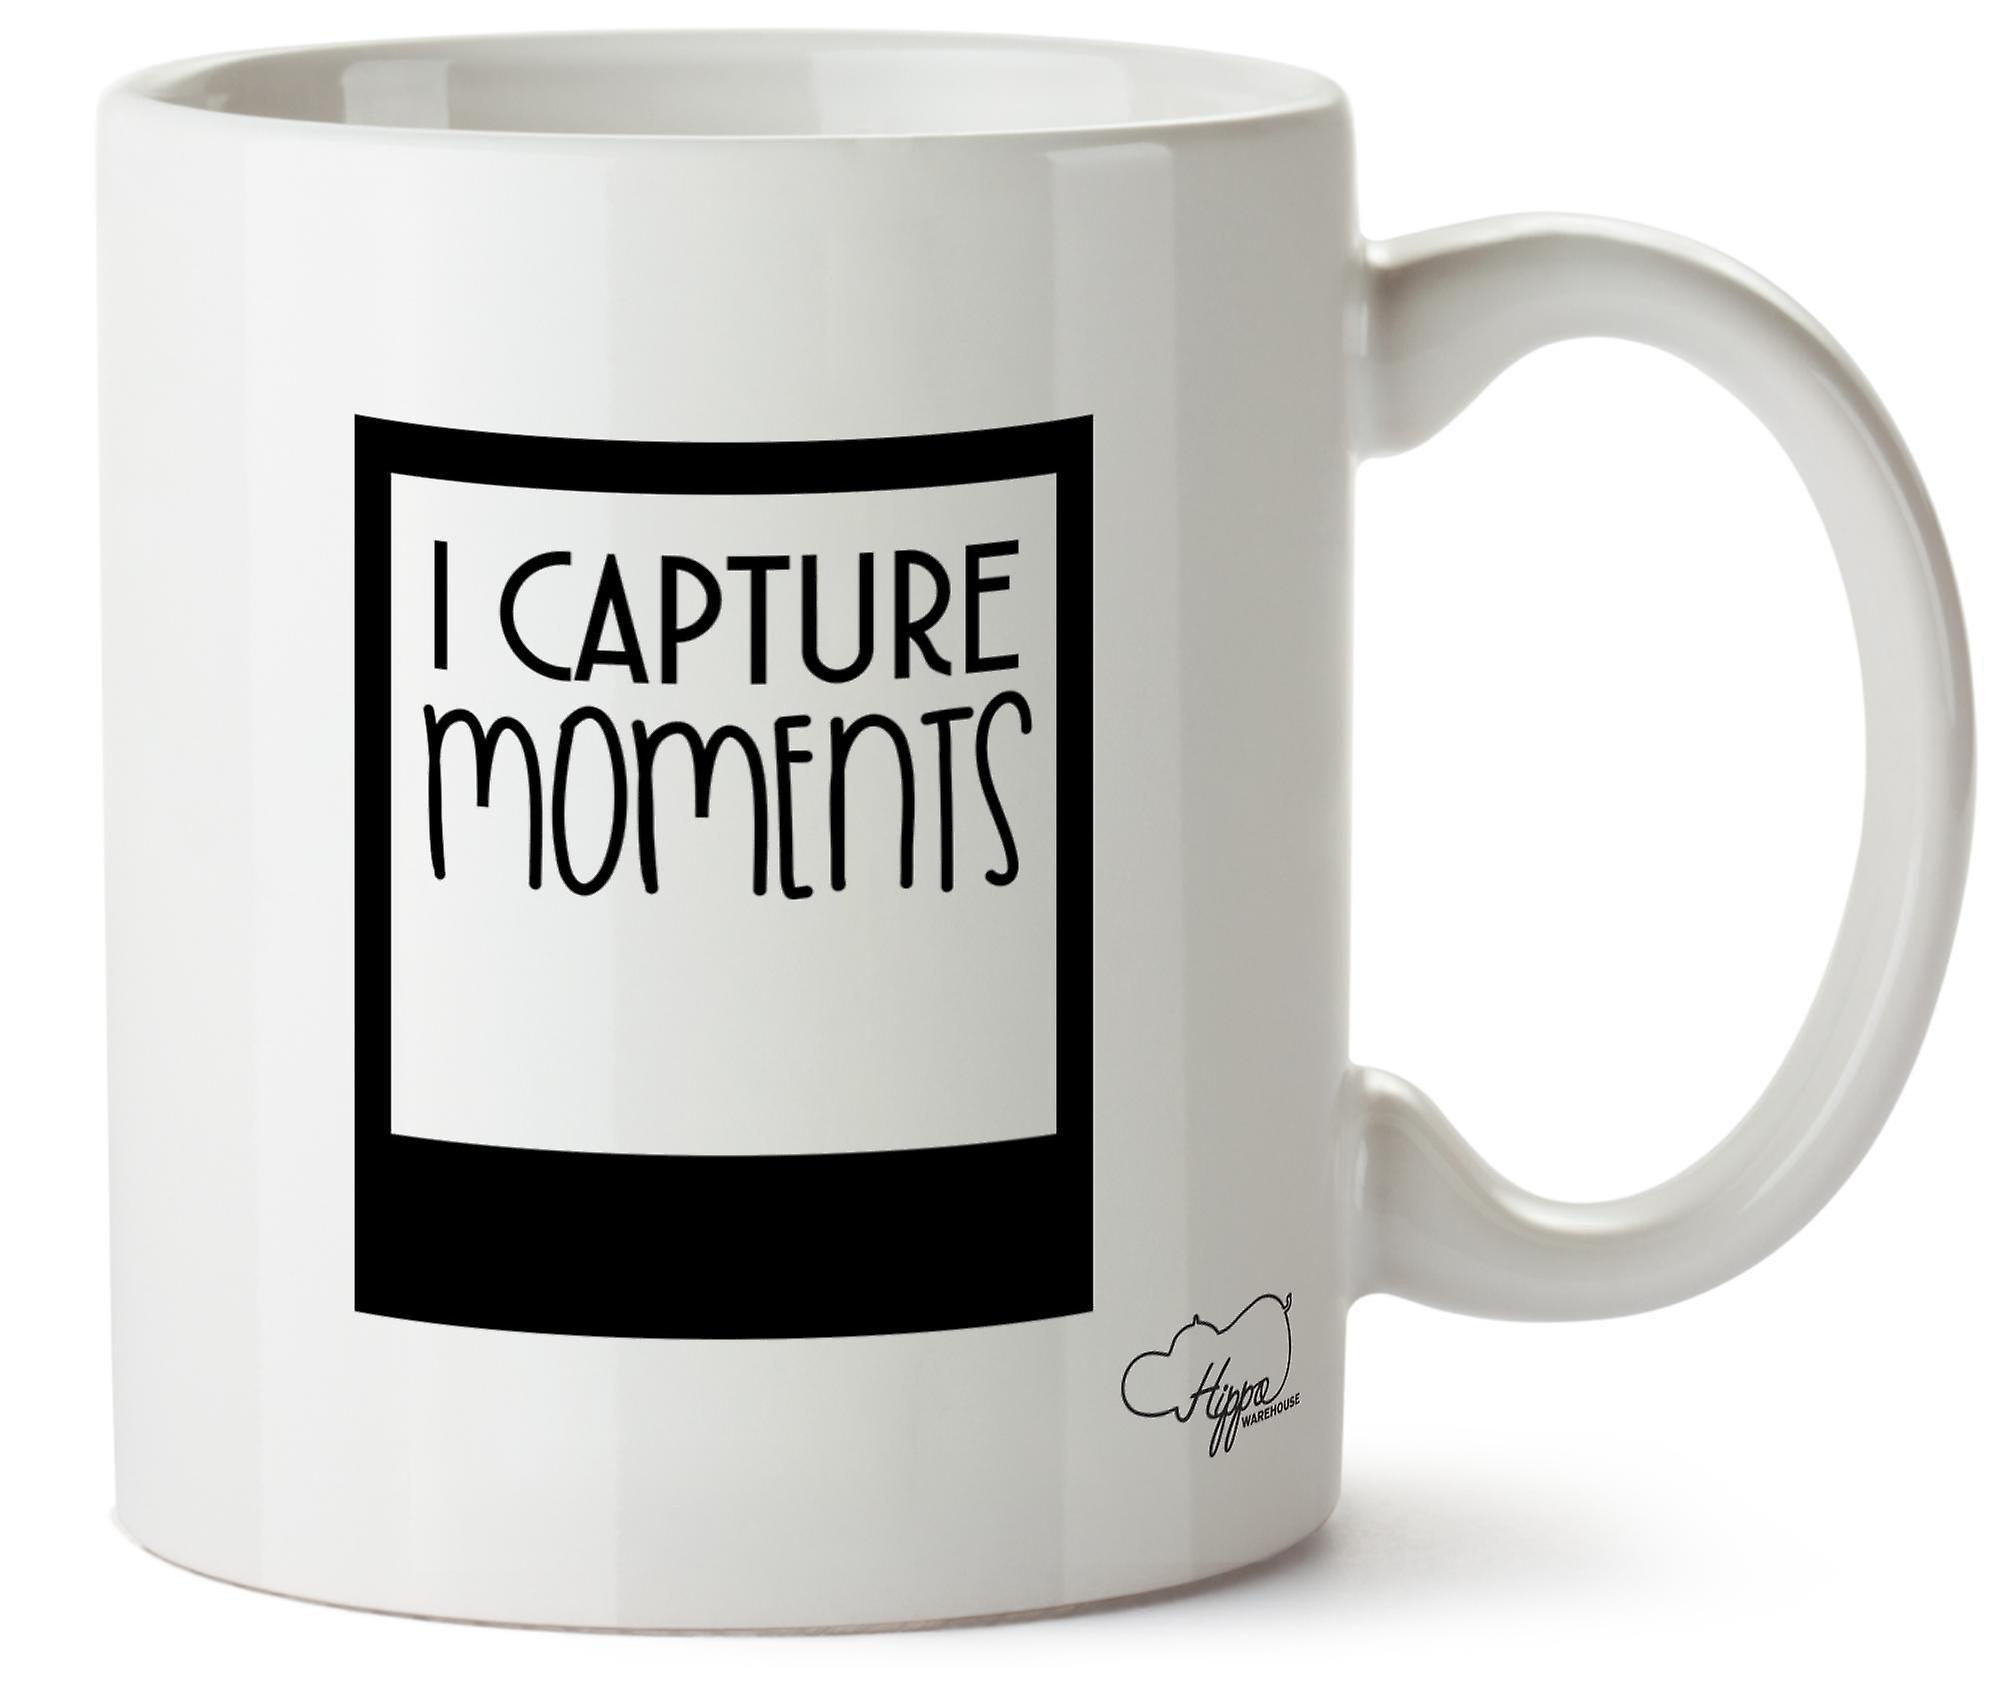 En Céramique Des Hippowarehouse Que J'ai Capturer Imprimé Moments Tasse 10oz n0wOkPN8XZ